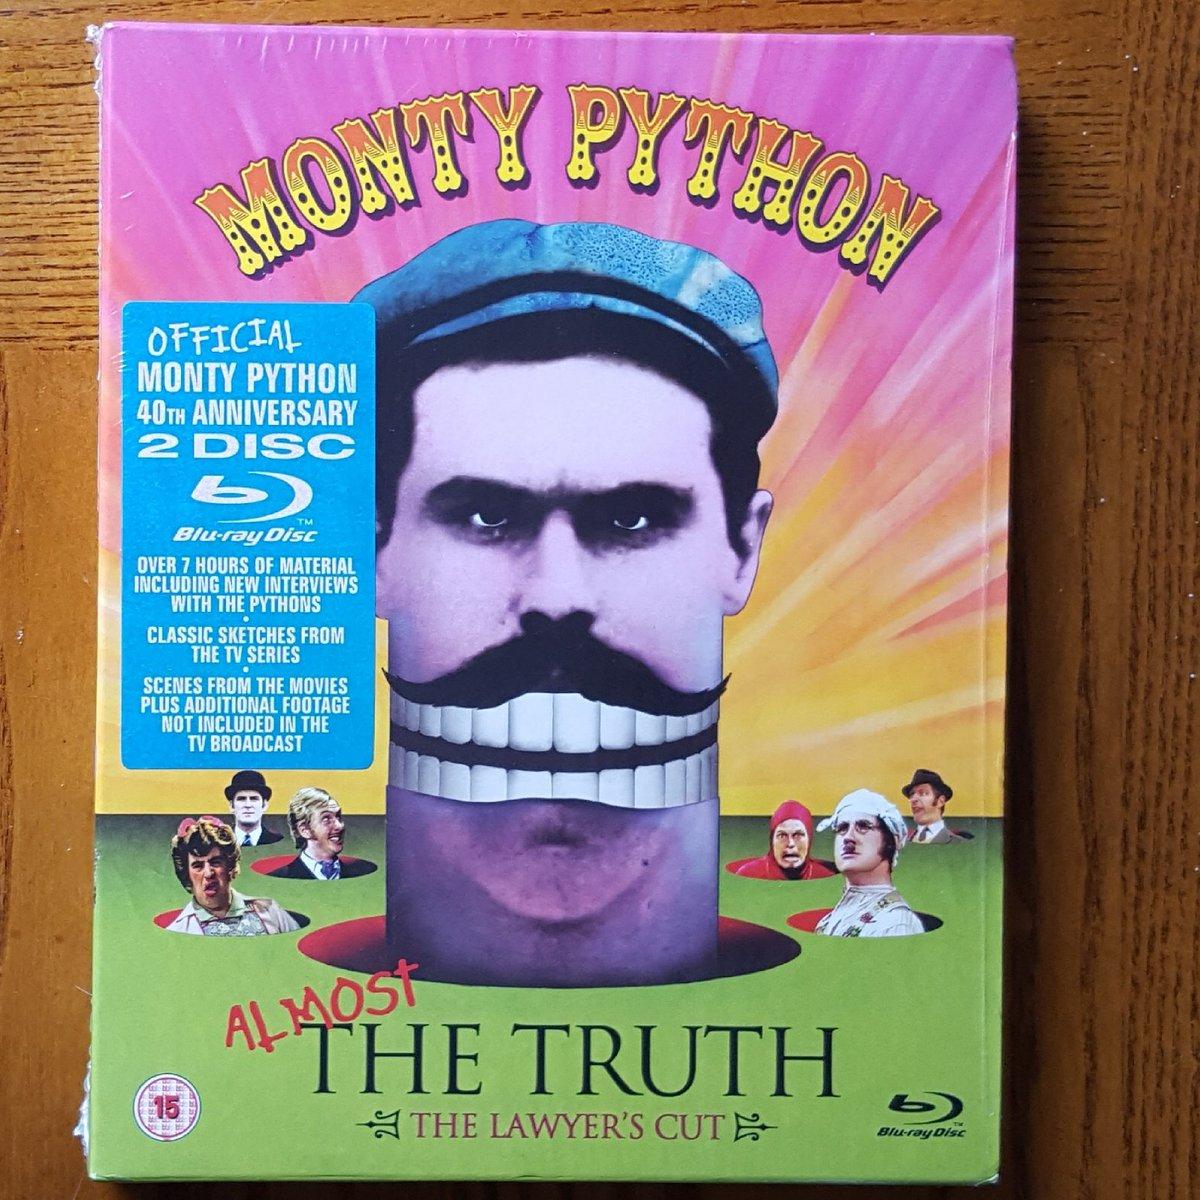 @montypython Currently watching #MontyPython #EricIdle #JohnCleese #MichaelPalin #GrahamChapman #TerryJones #TerryGilliam<br>http://pic.twitter.com/MHC9Nx6bQL